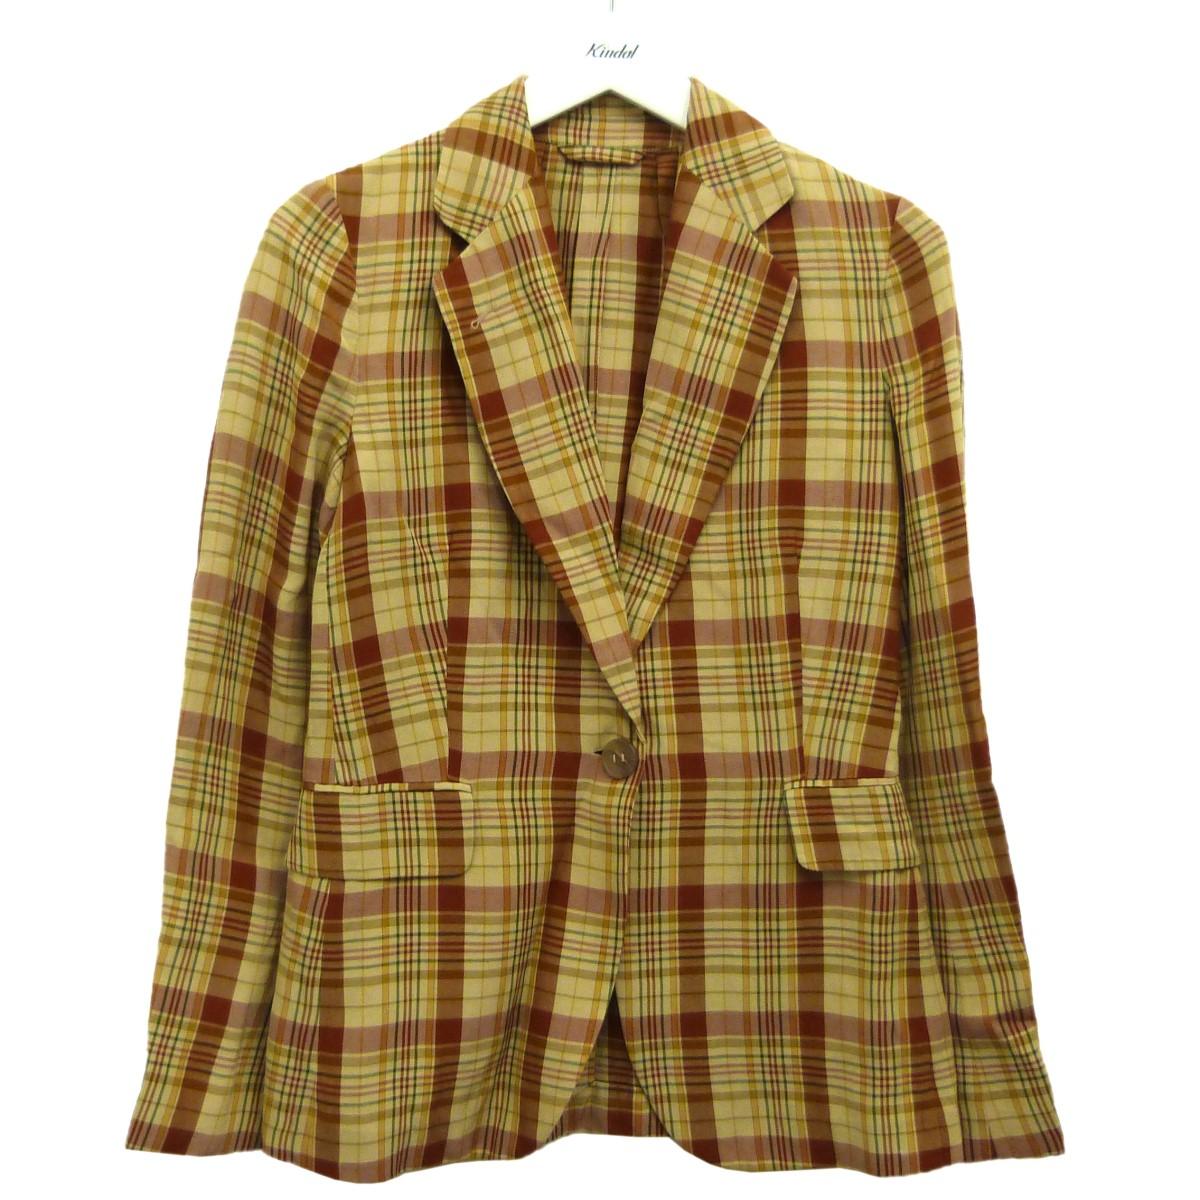 【中古】ACNE STUDIOS 「Checked Print Blazer」チェックジャケット ベージュ×ブラウン サイズ:34 【260820】(アクネストゥディオズ)